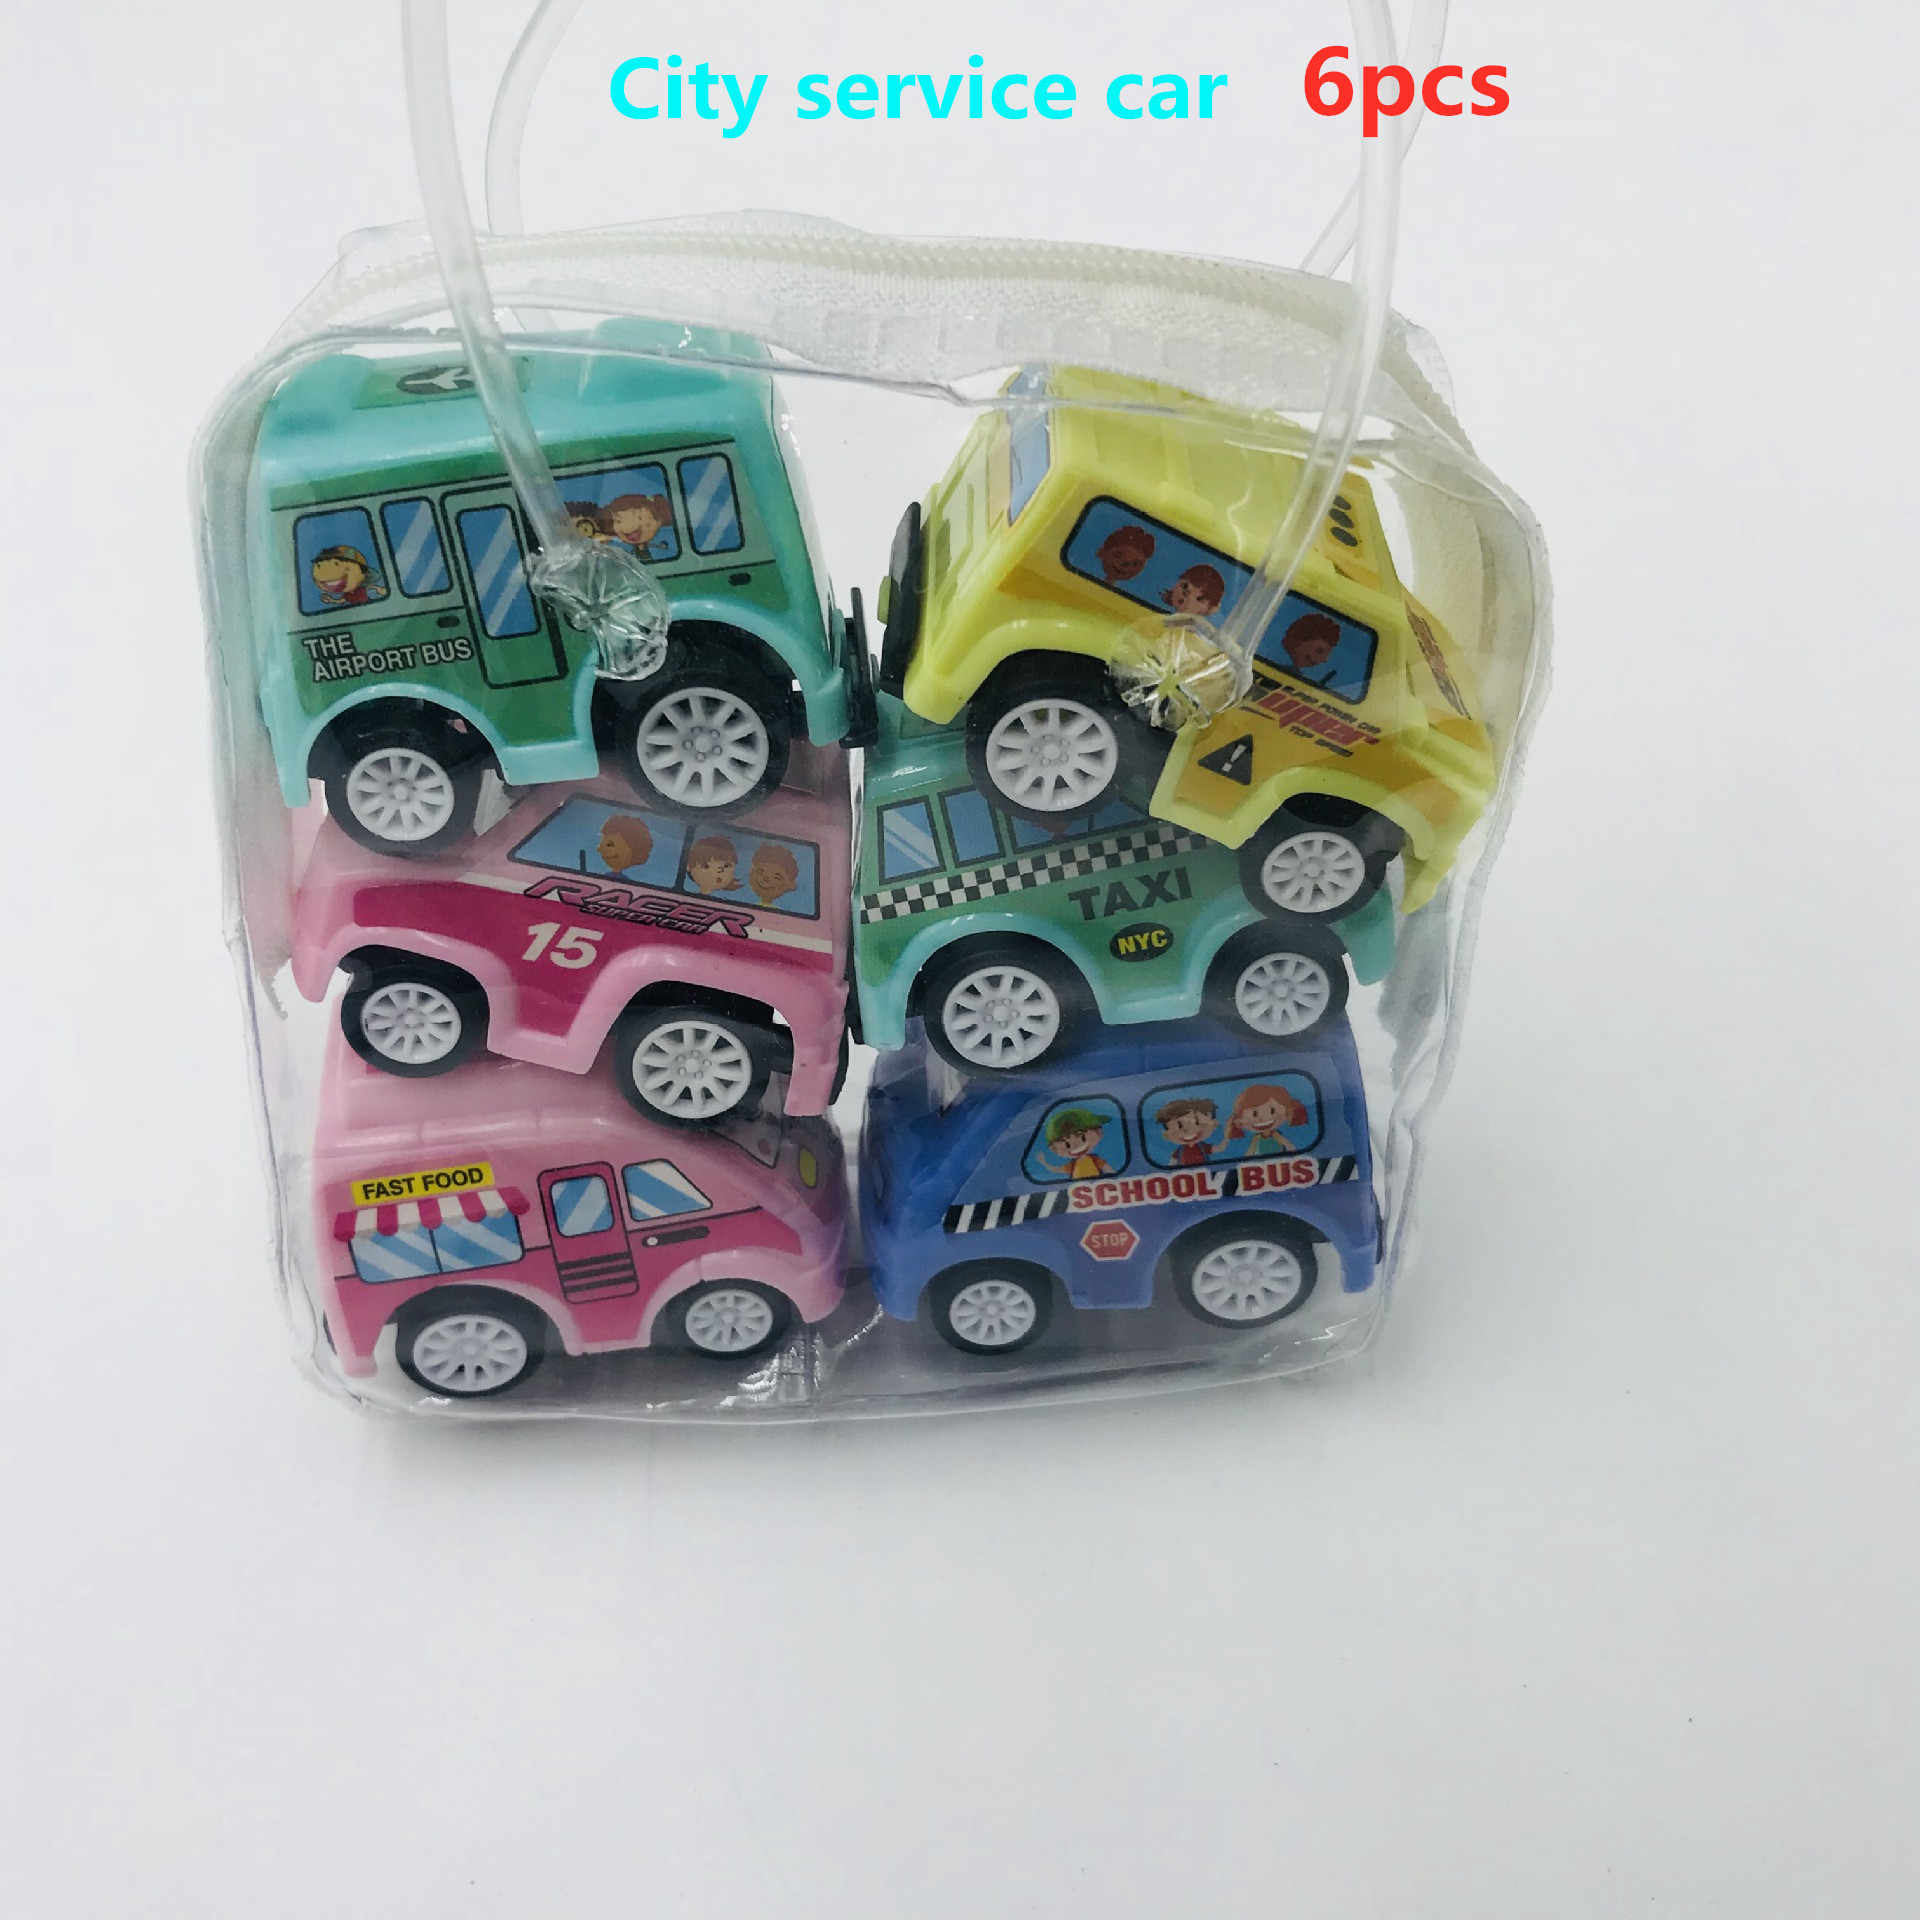 6 шт., игрушки для автомобиля, мобильная техника, магазин, строительная машина, пожарная машина, модель такси, детские мини-машинки, подарок, детские игрушки 2019